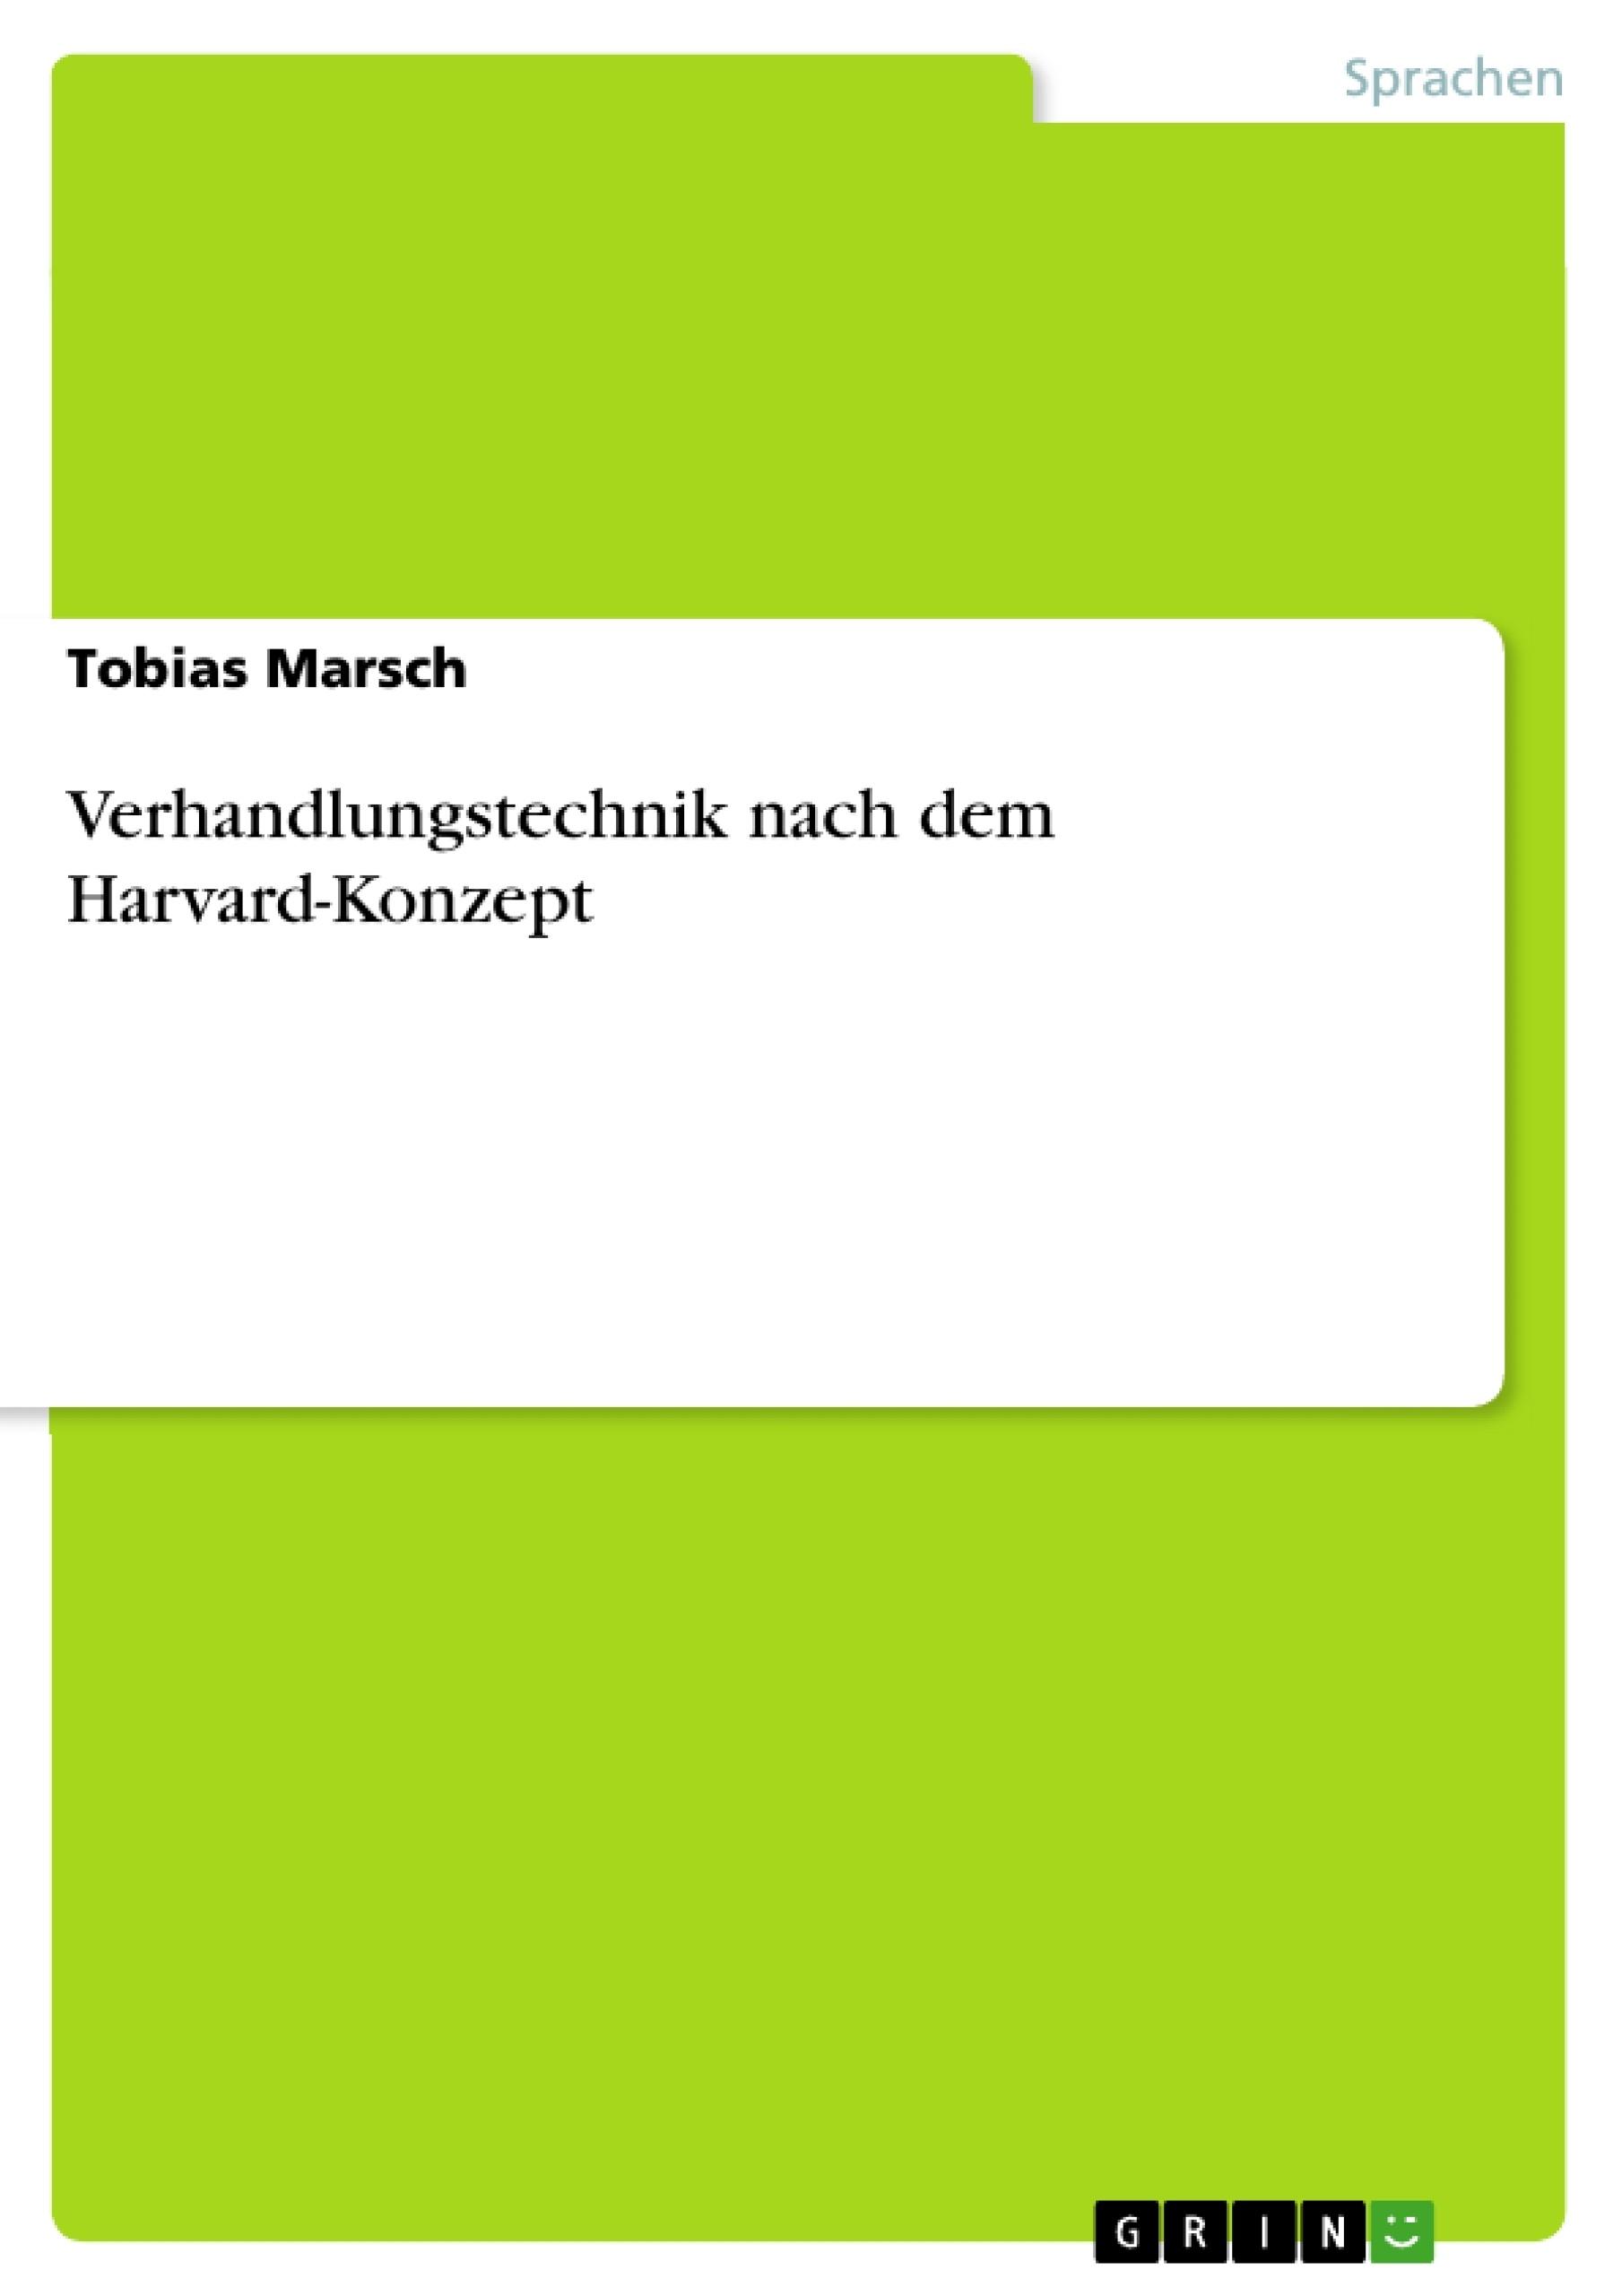 Titel: Verhandlungstechnik nach dem Harvard-Konzept